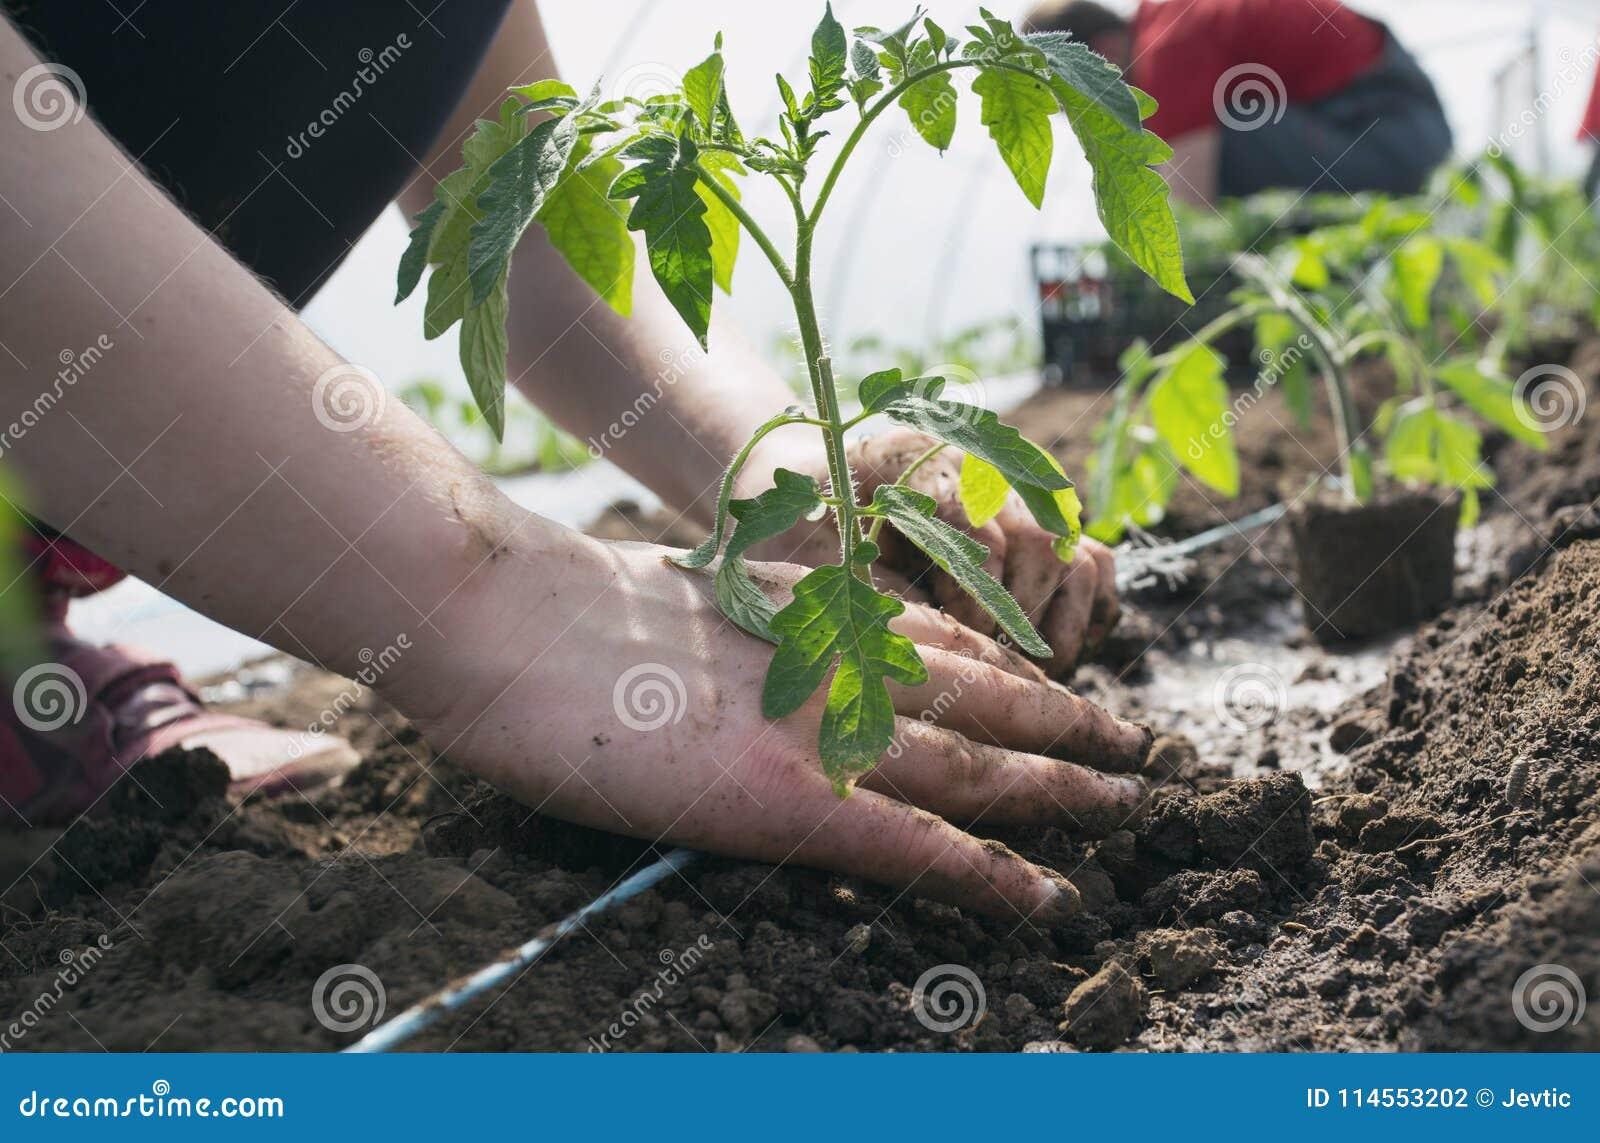 Σπορόφυτα ντοματών που φυτεύουν στο θερμοκήπιο